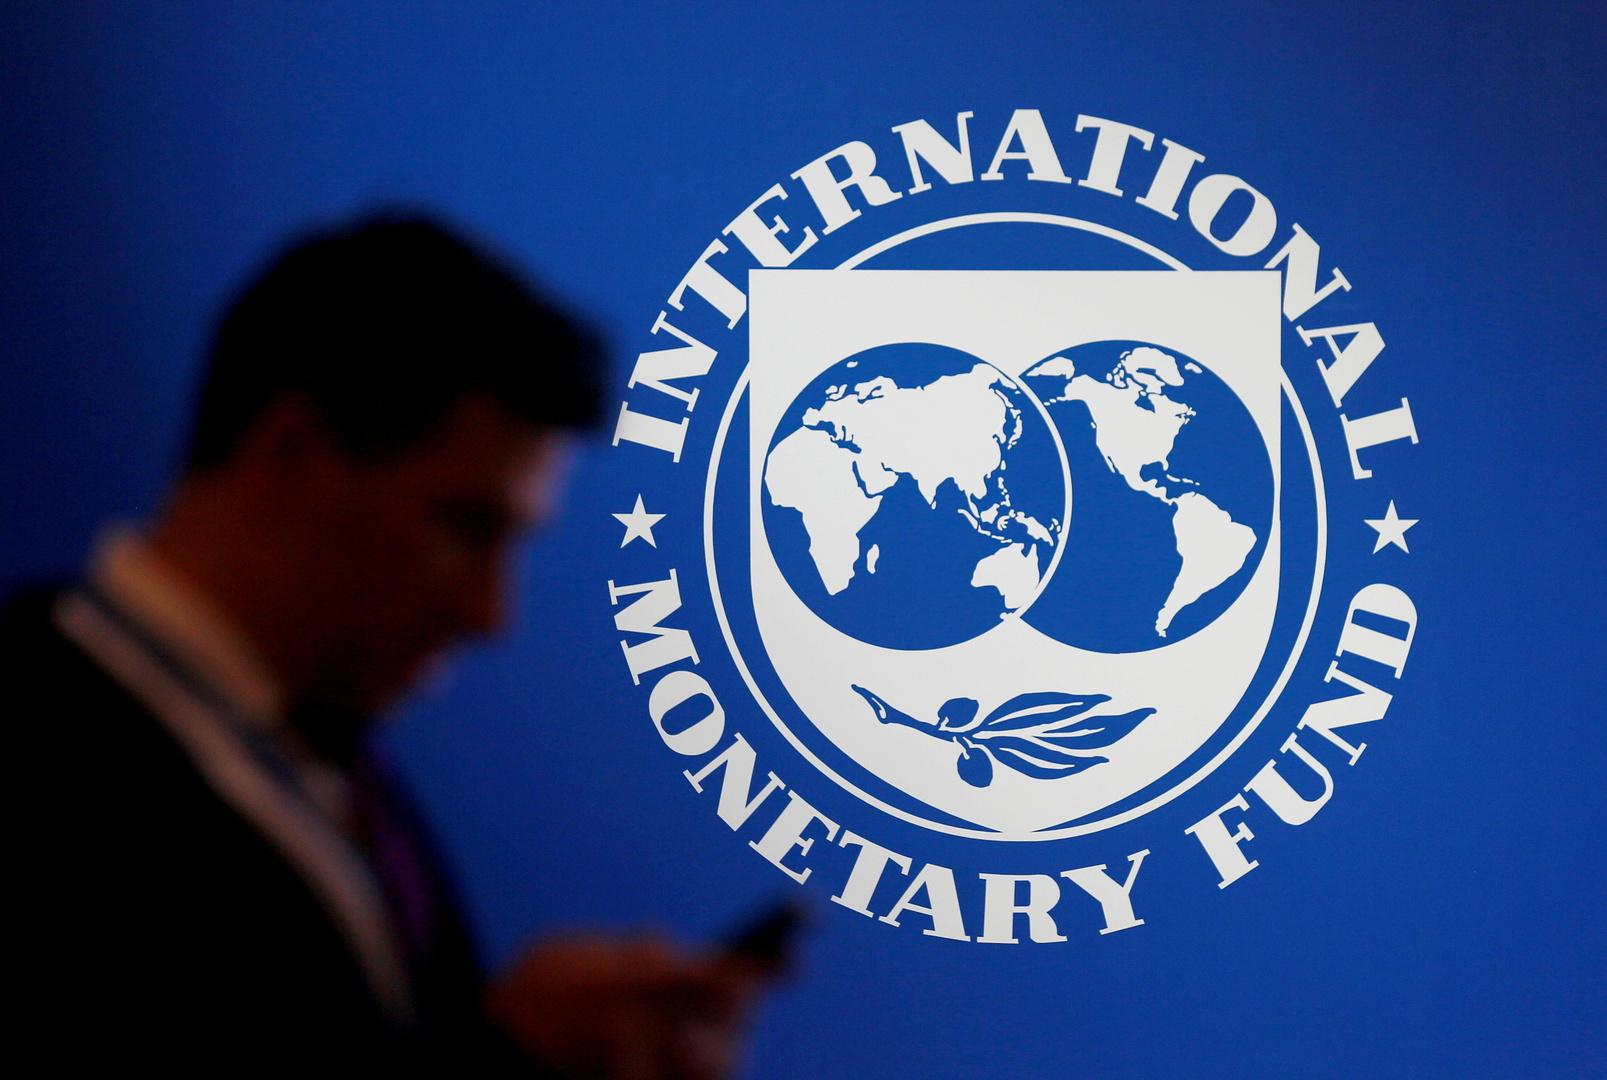 صندوق النقد الدولي يوافق على تمويل لمصر بقيمة 1.6 مليار دولار